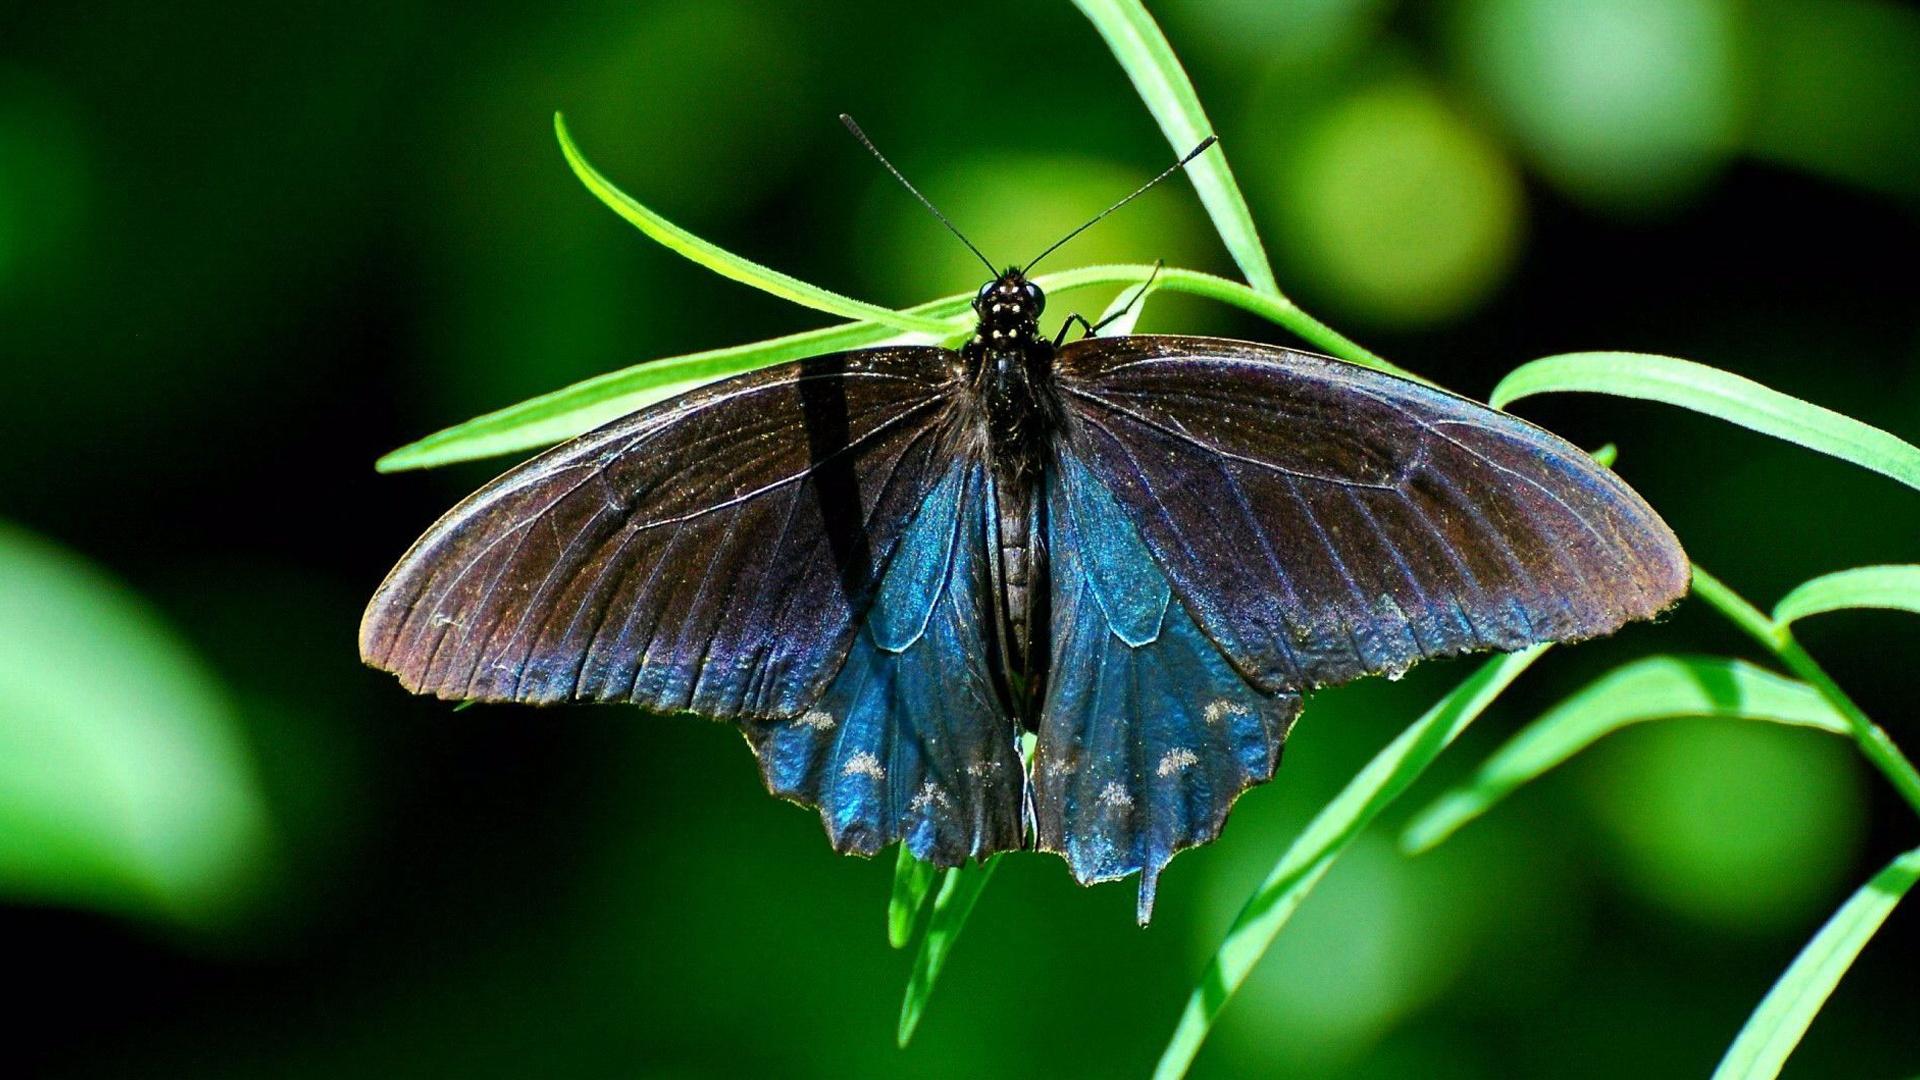 природа животные насекомое бабочки ветка nature animals insect butterfly branch в хорошем качестве